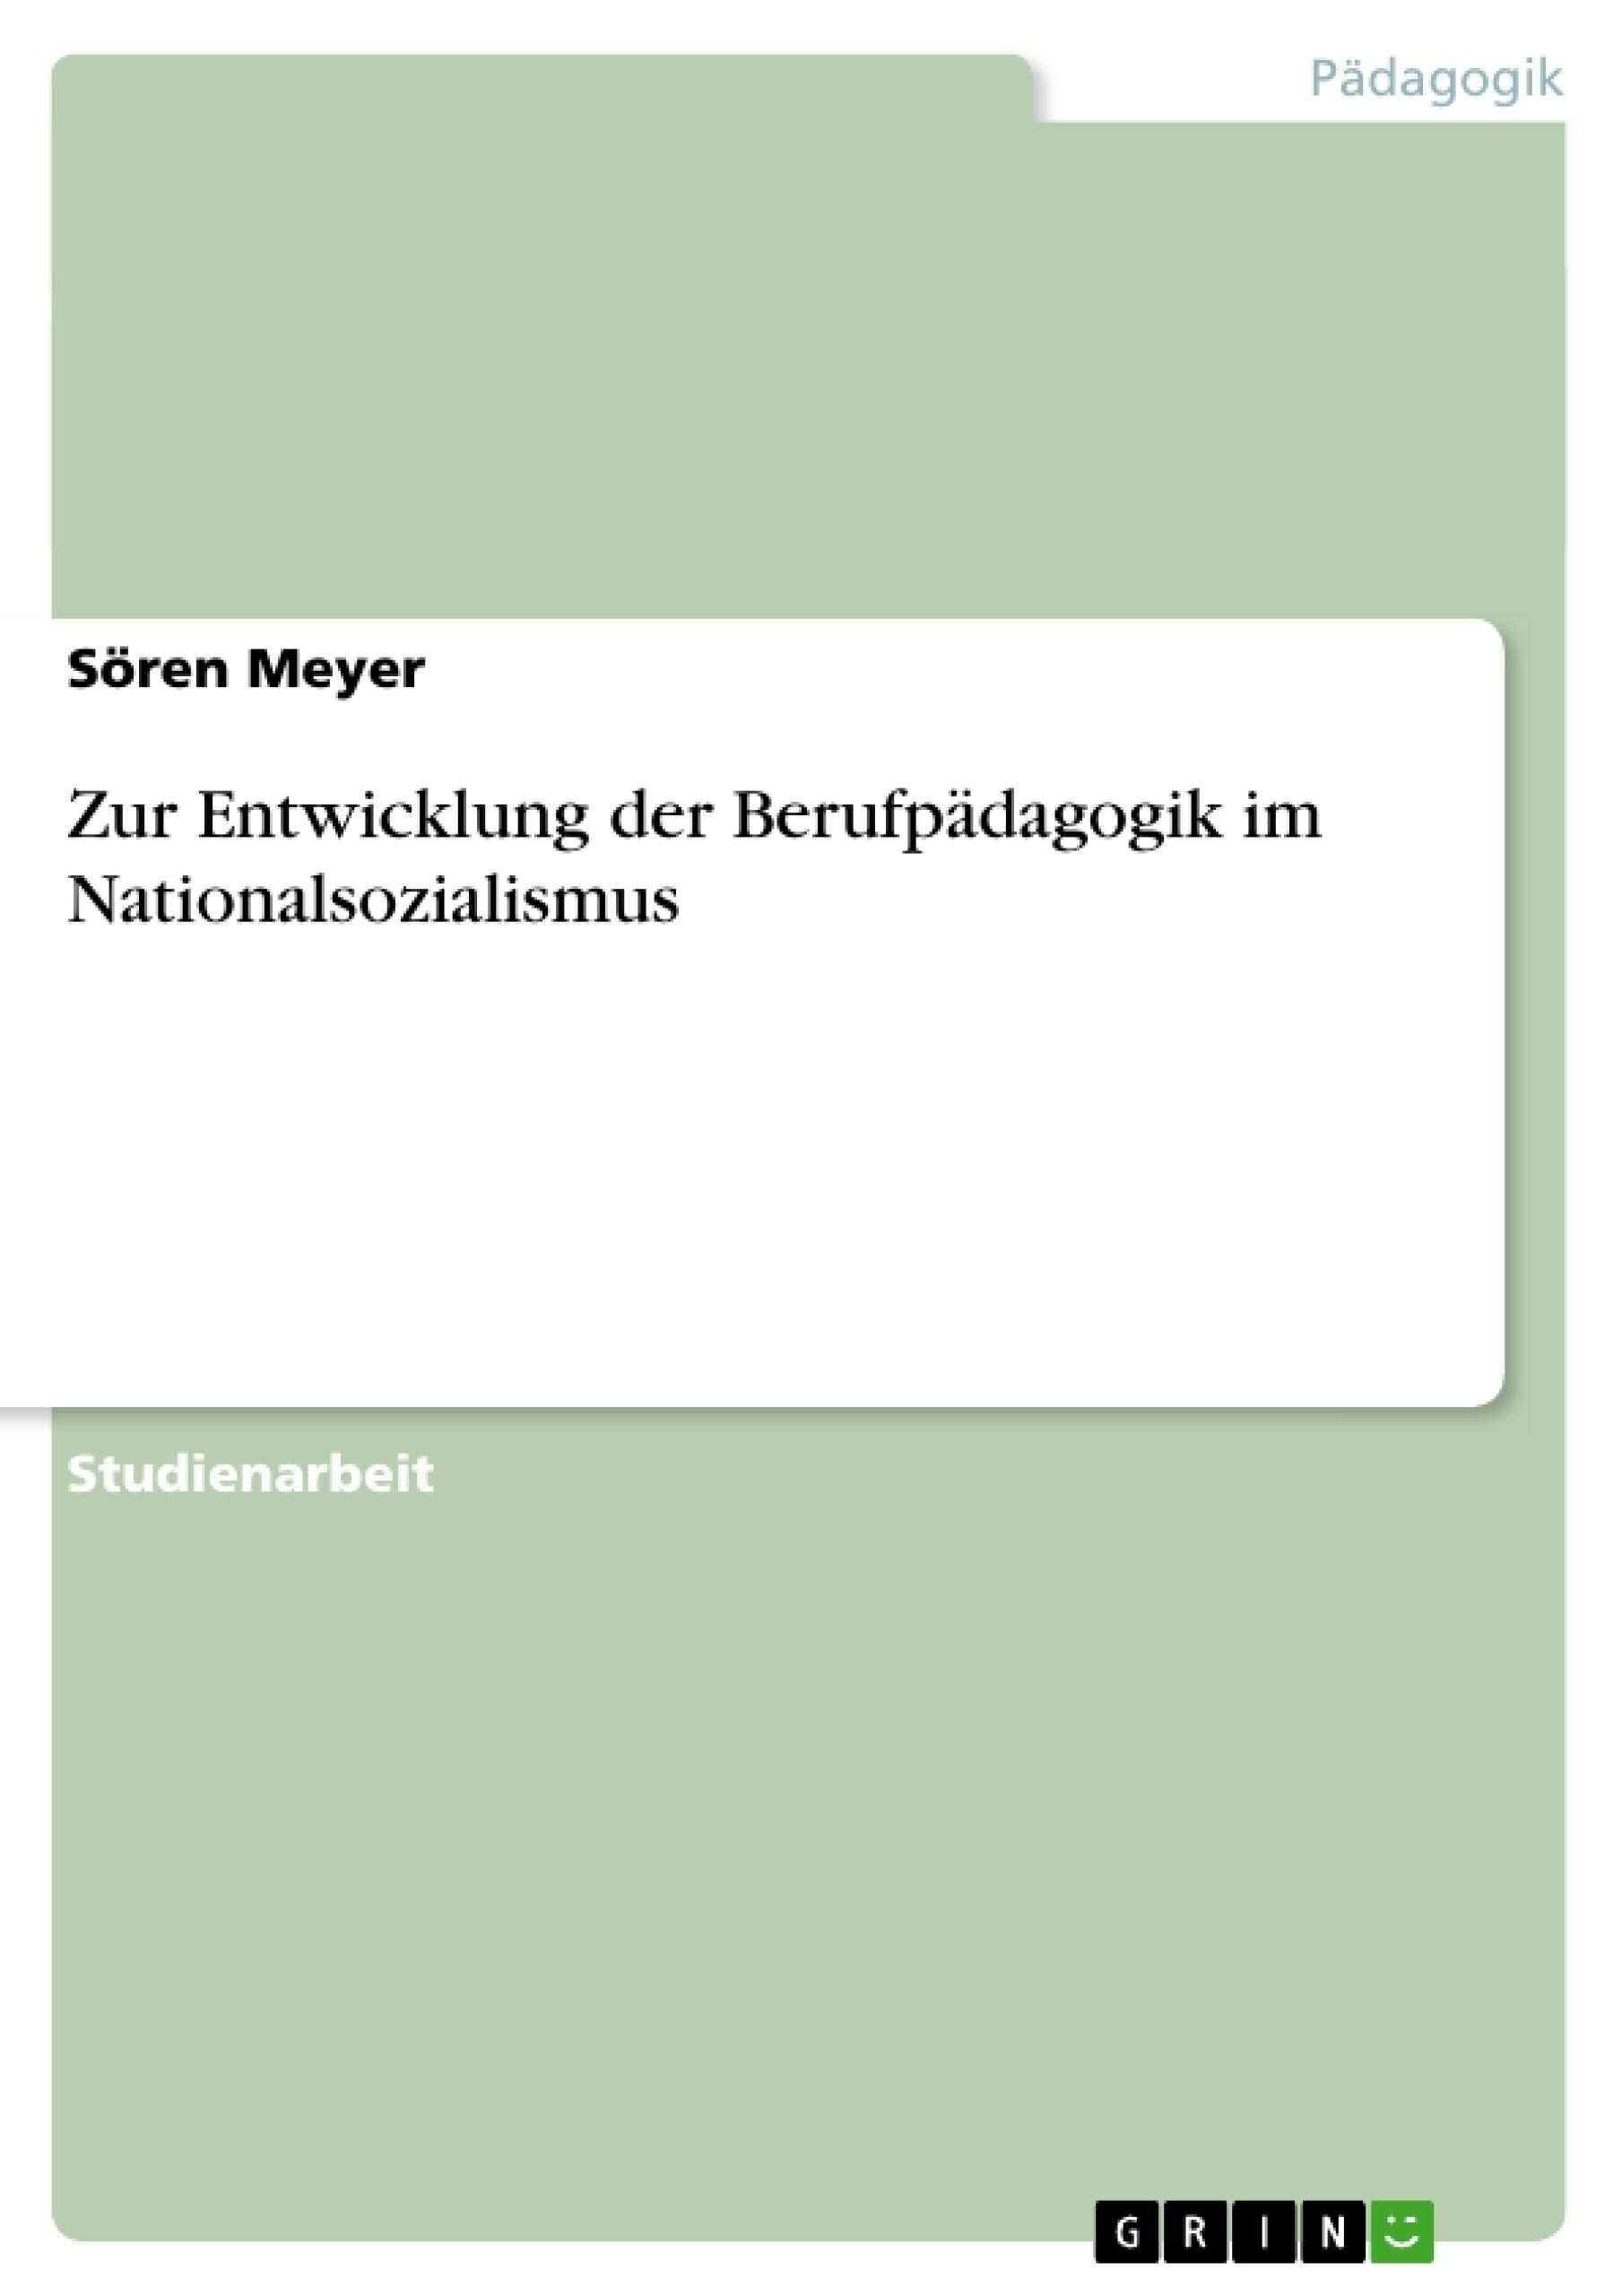 Titel: Zur Entwicklung der Berufpädagogik im Nationalsozialismus